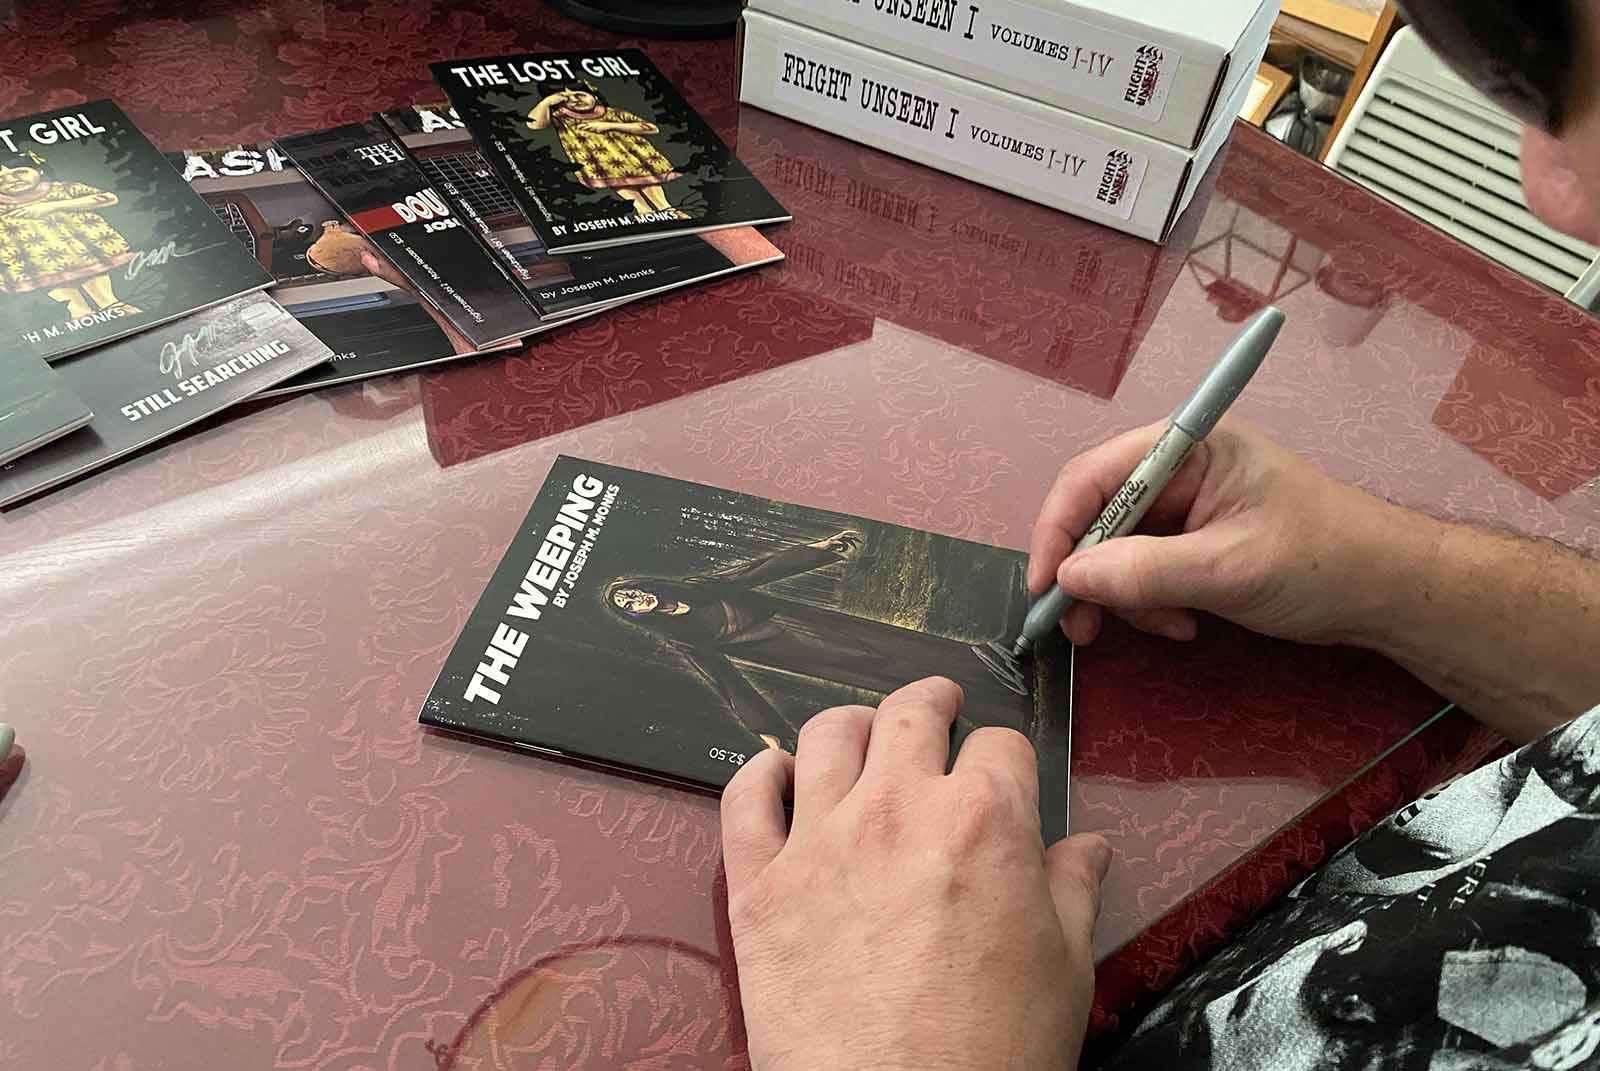 Joe signing The Weeping